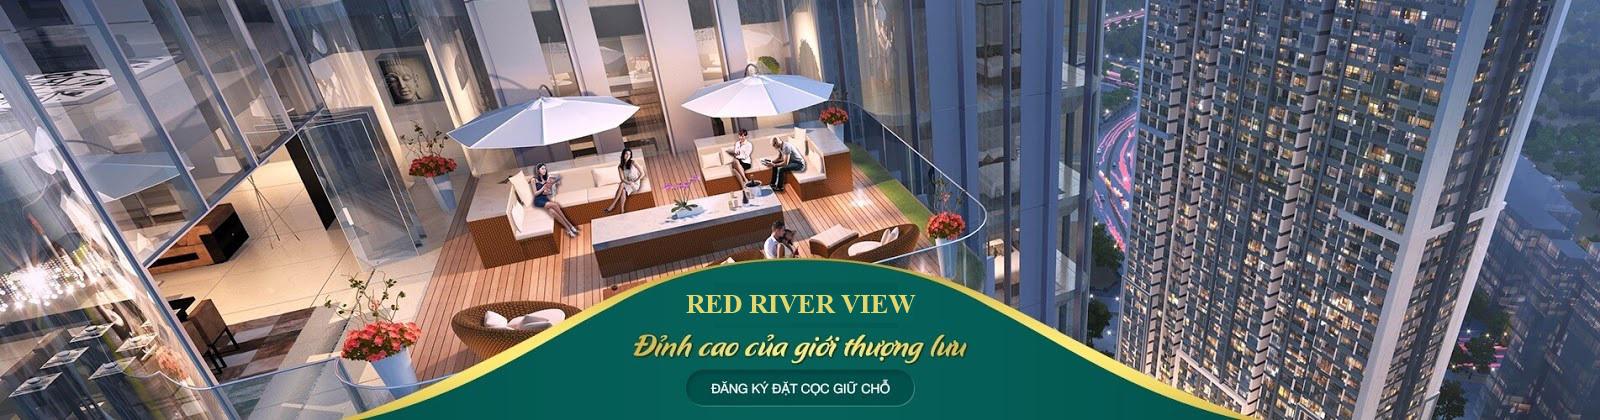 slider_bg_plane_Chung cư Red River view